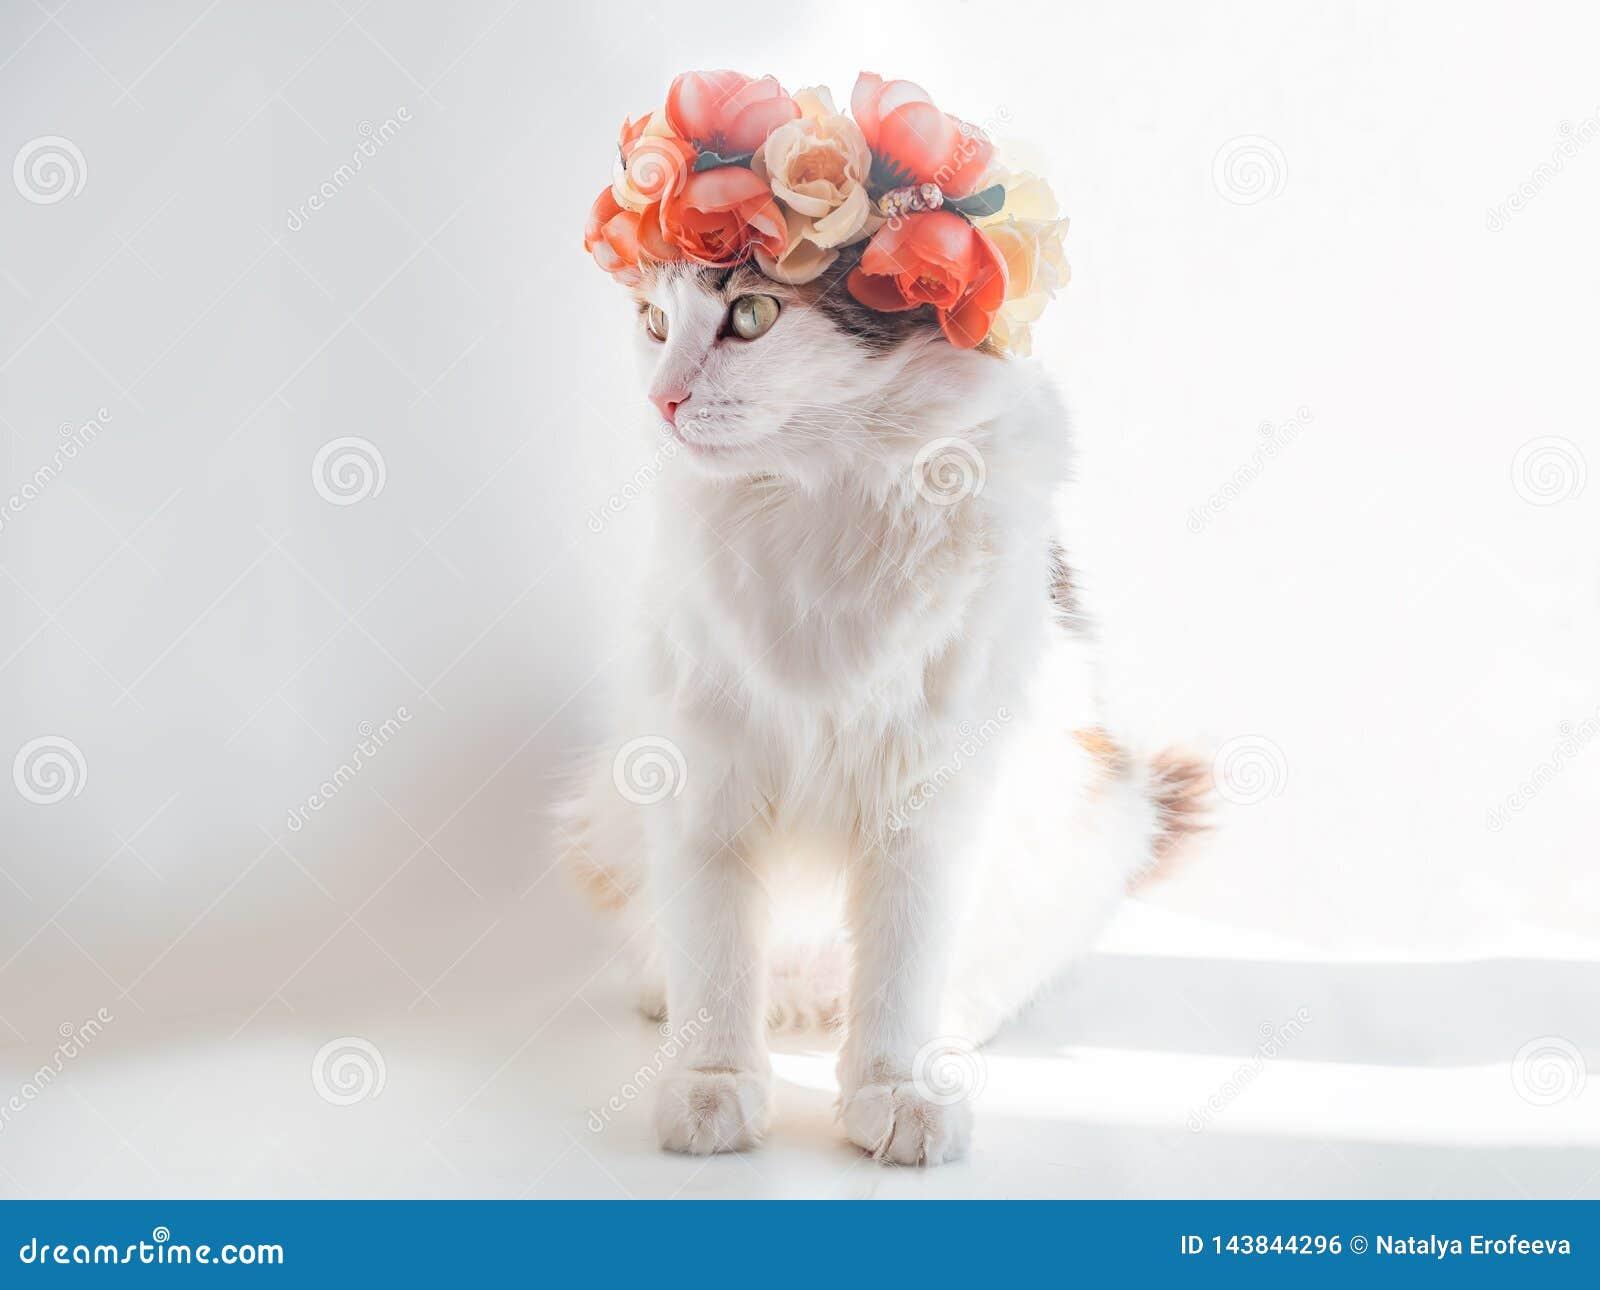 Красивый кот ситца с венком на его голове Милая киска в diadem цветков на ее голове сидит в солнце и взглядах